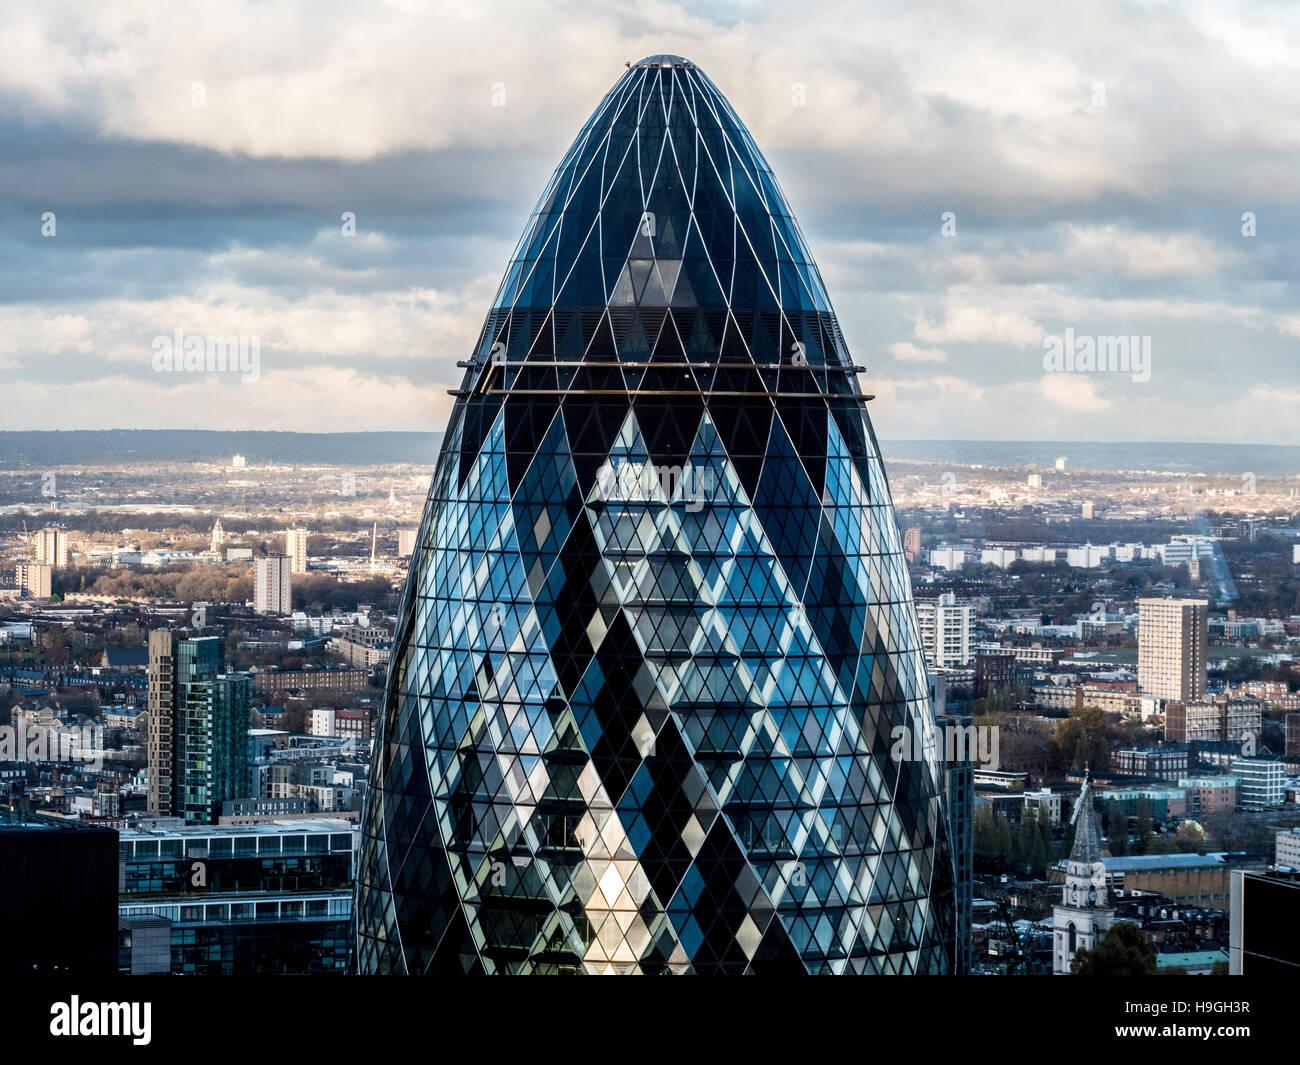 Das Gherkin Gebäude, London, UK. Stockbild